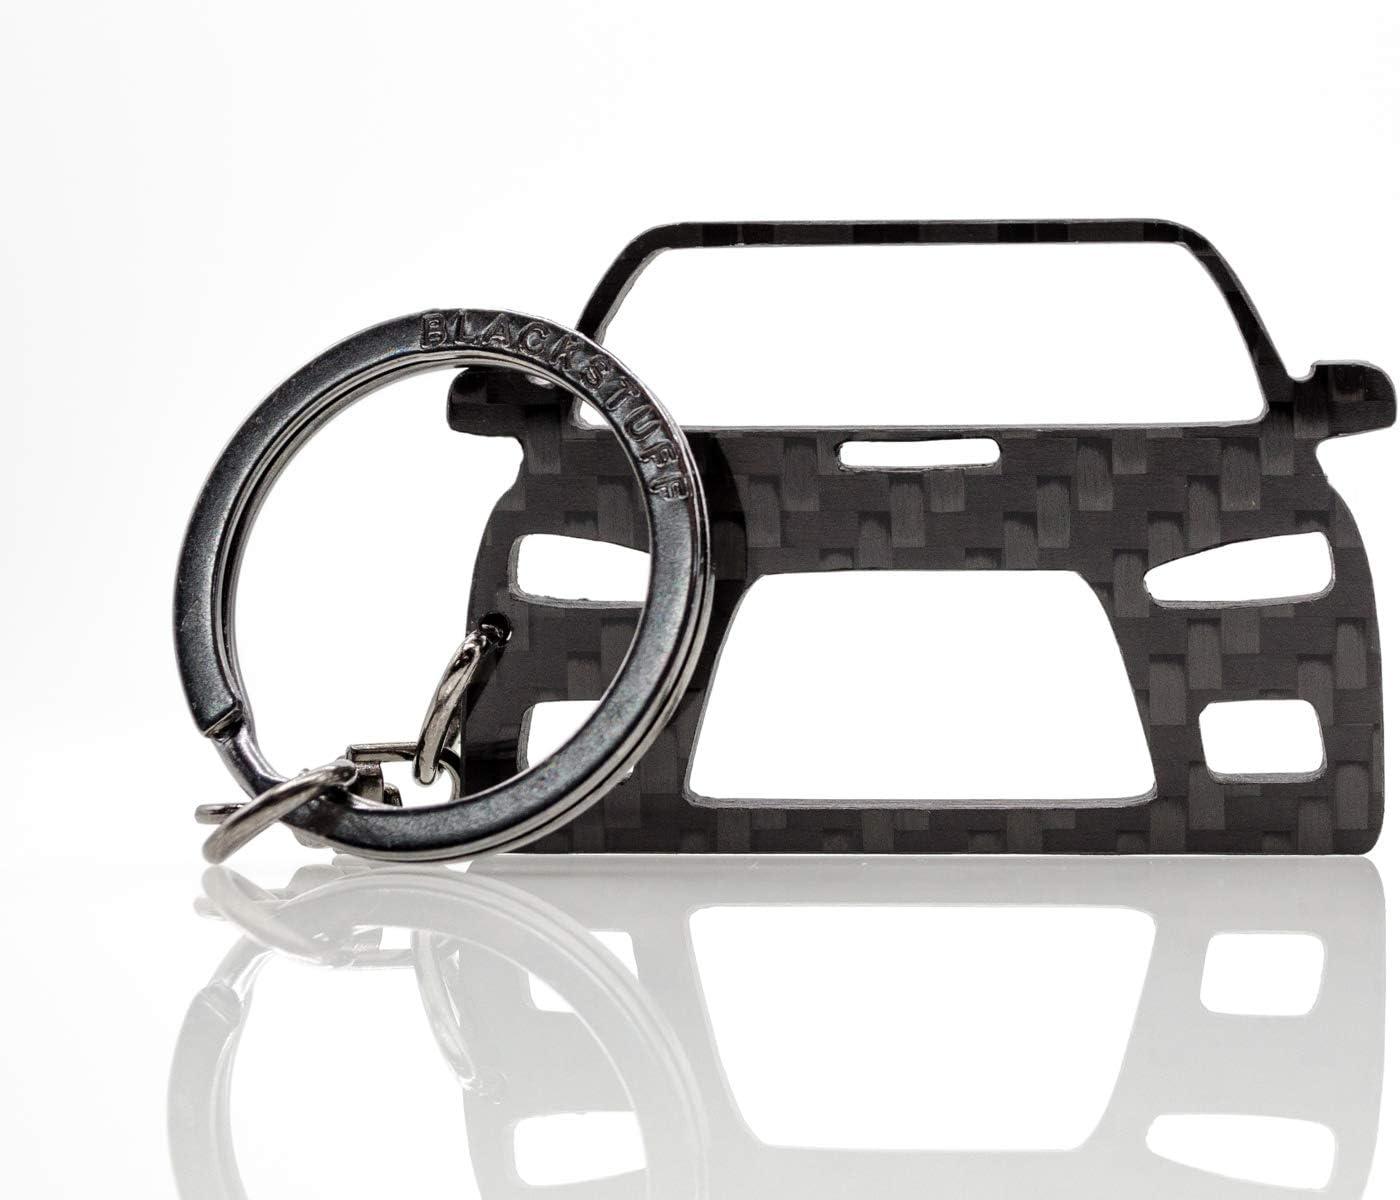 Blackstuff Carbon Karbonfaser Schlüsselanhänger Kompatibel Mit Lancer Evo 10 Bs 103 Auto